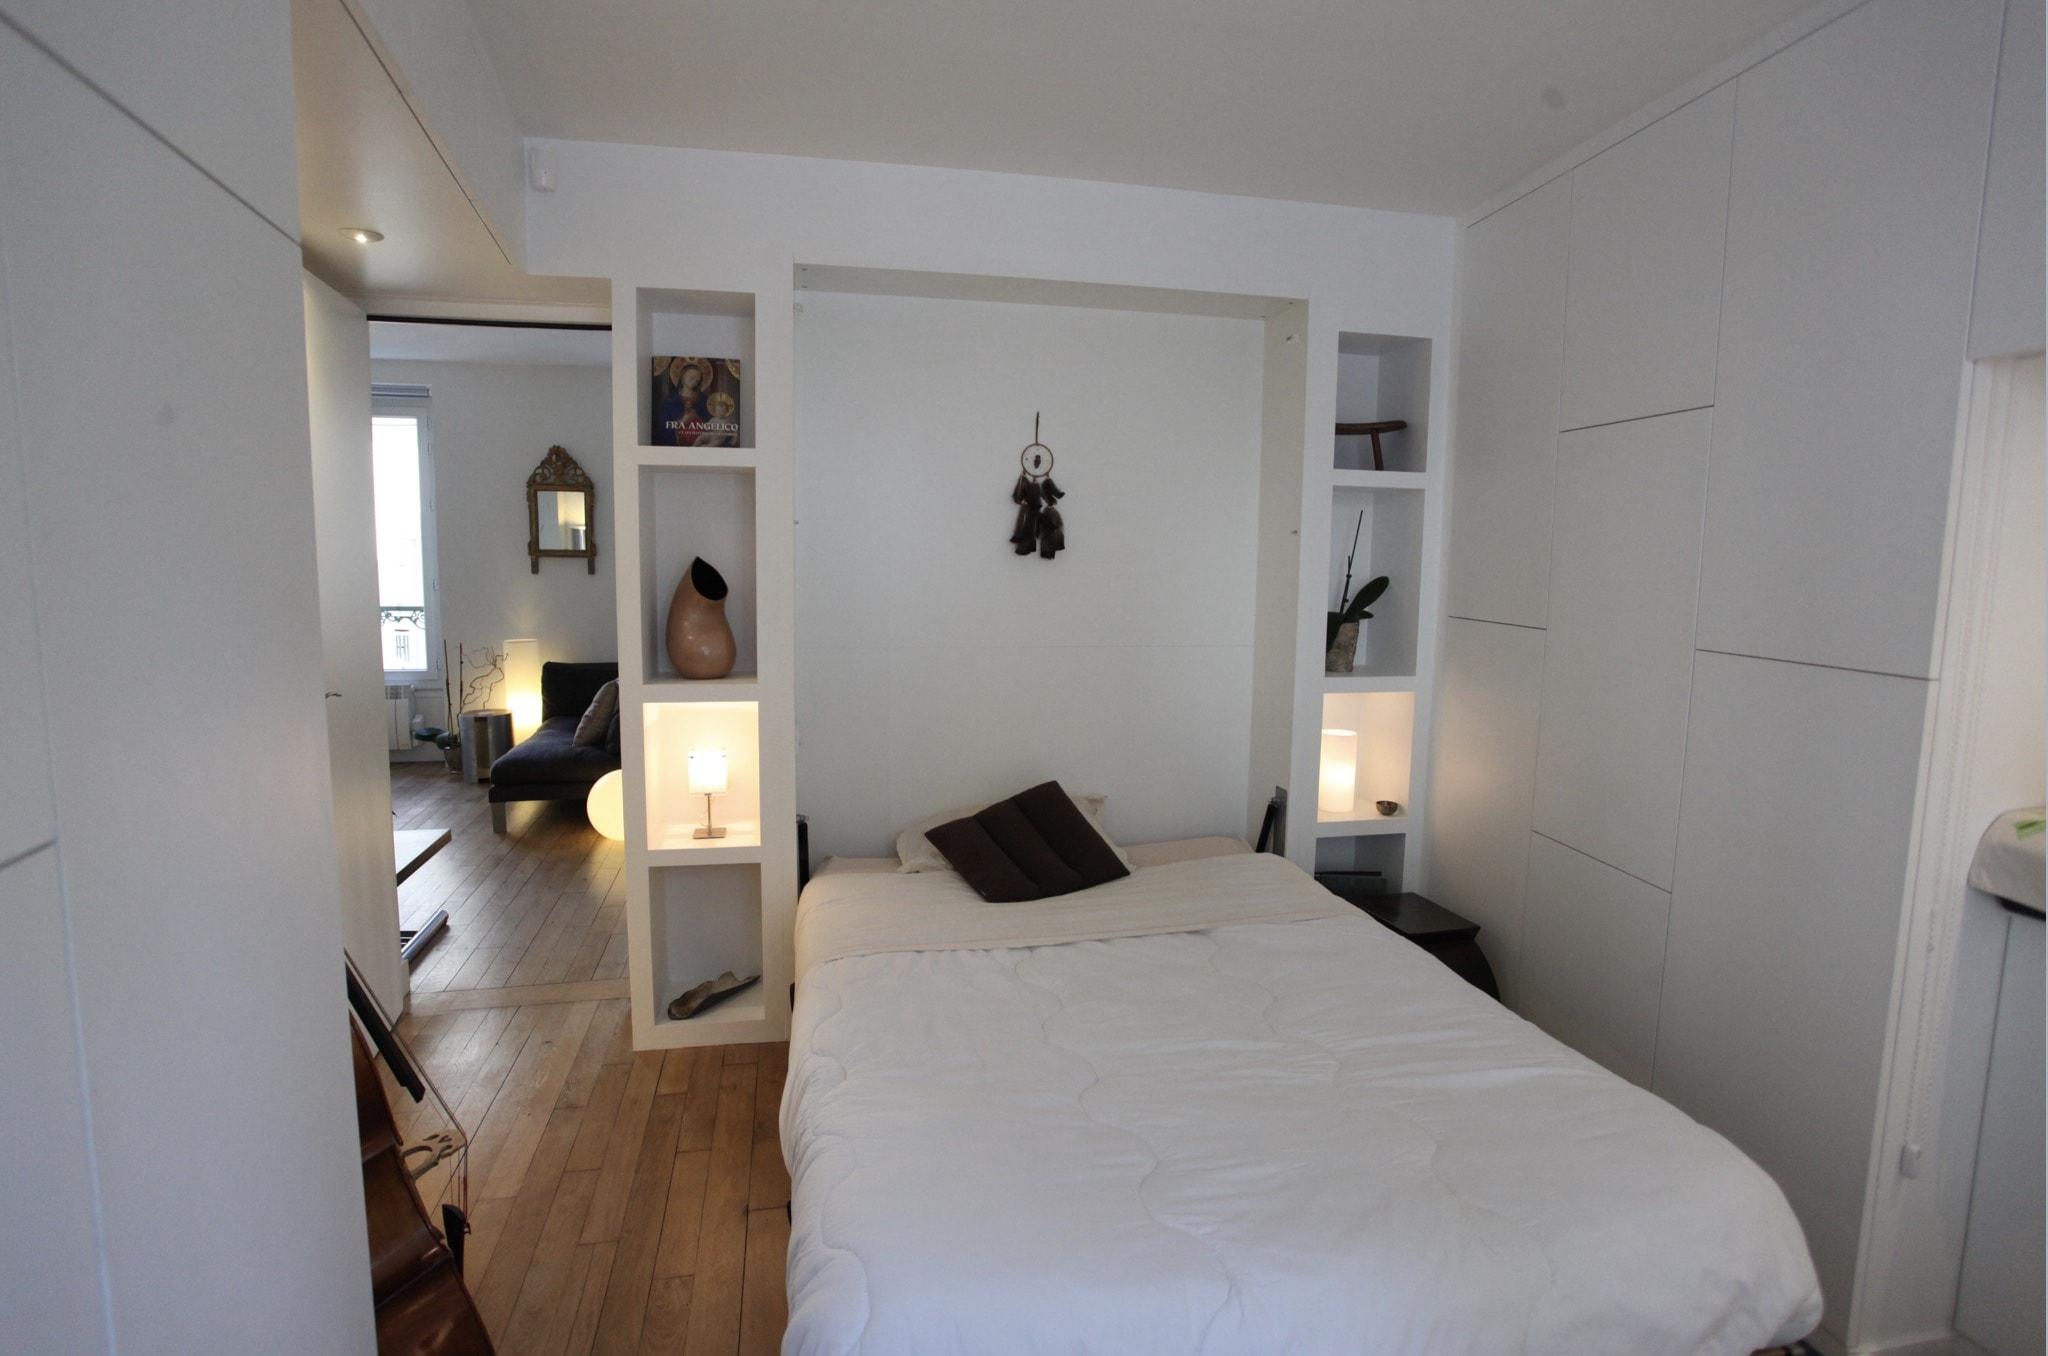 Travaux de r novation d 39 un studio l 39 architecte cyril rheims for Travaux dans un appartement